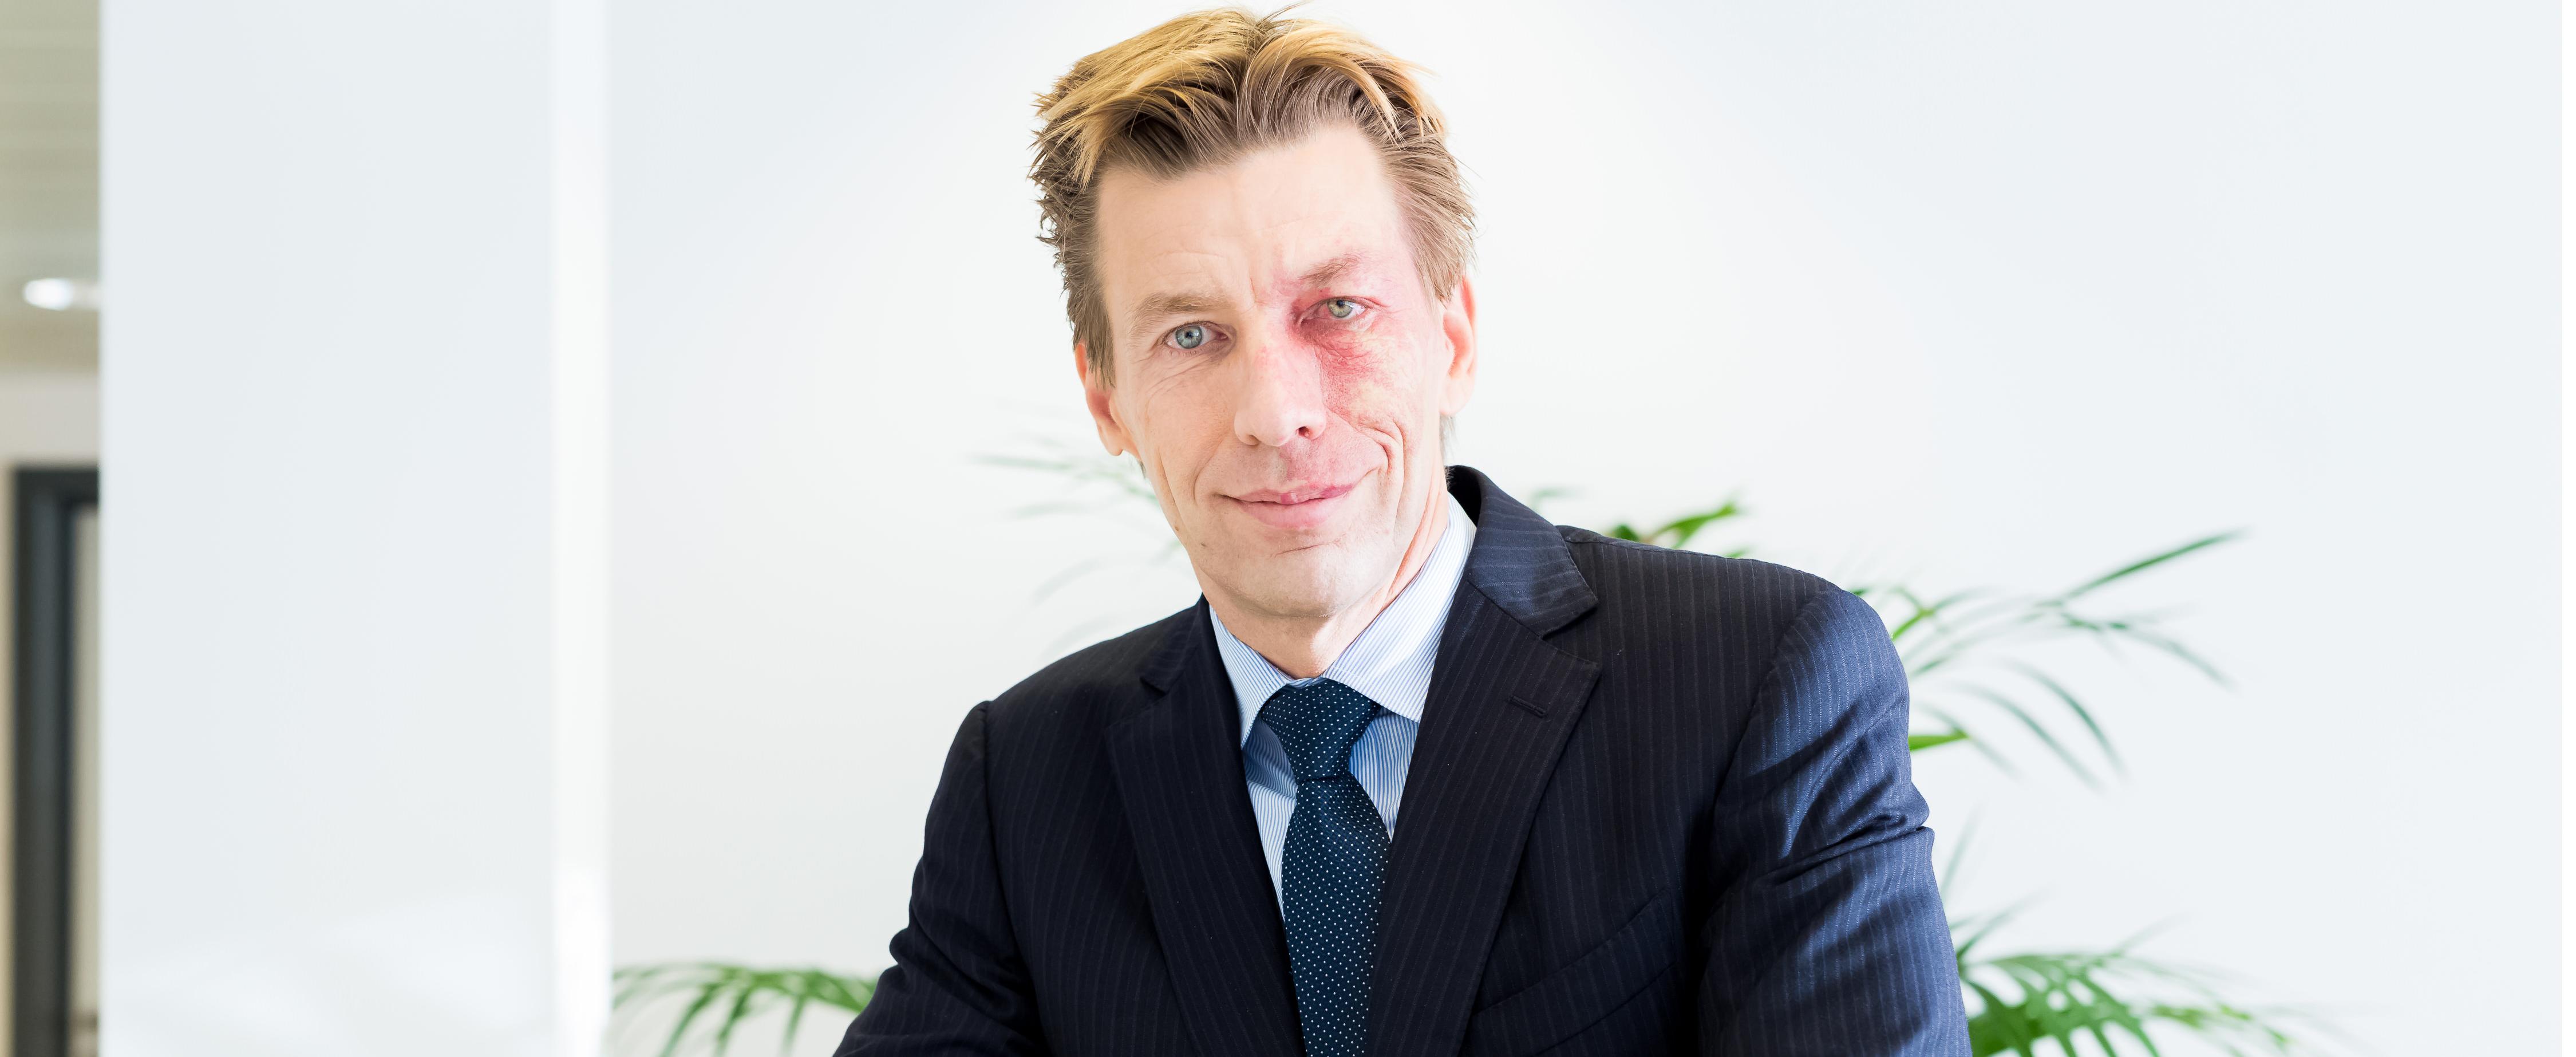 Chris Peeters, le CEO d'ELIA dévoile ses projets